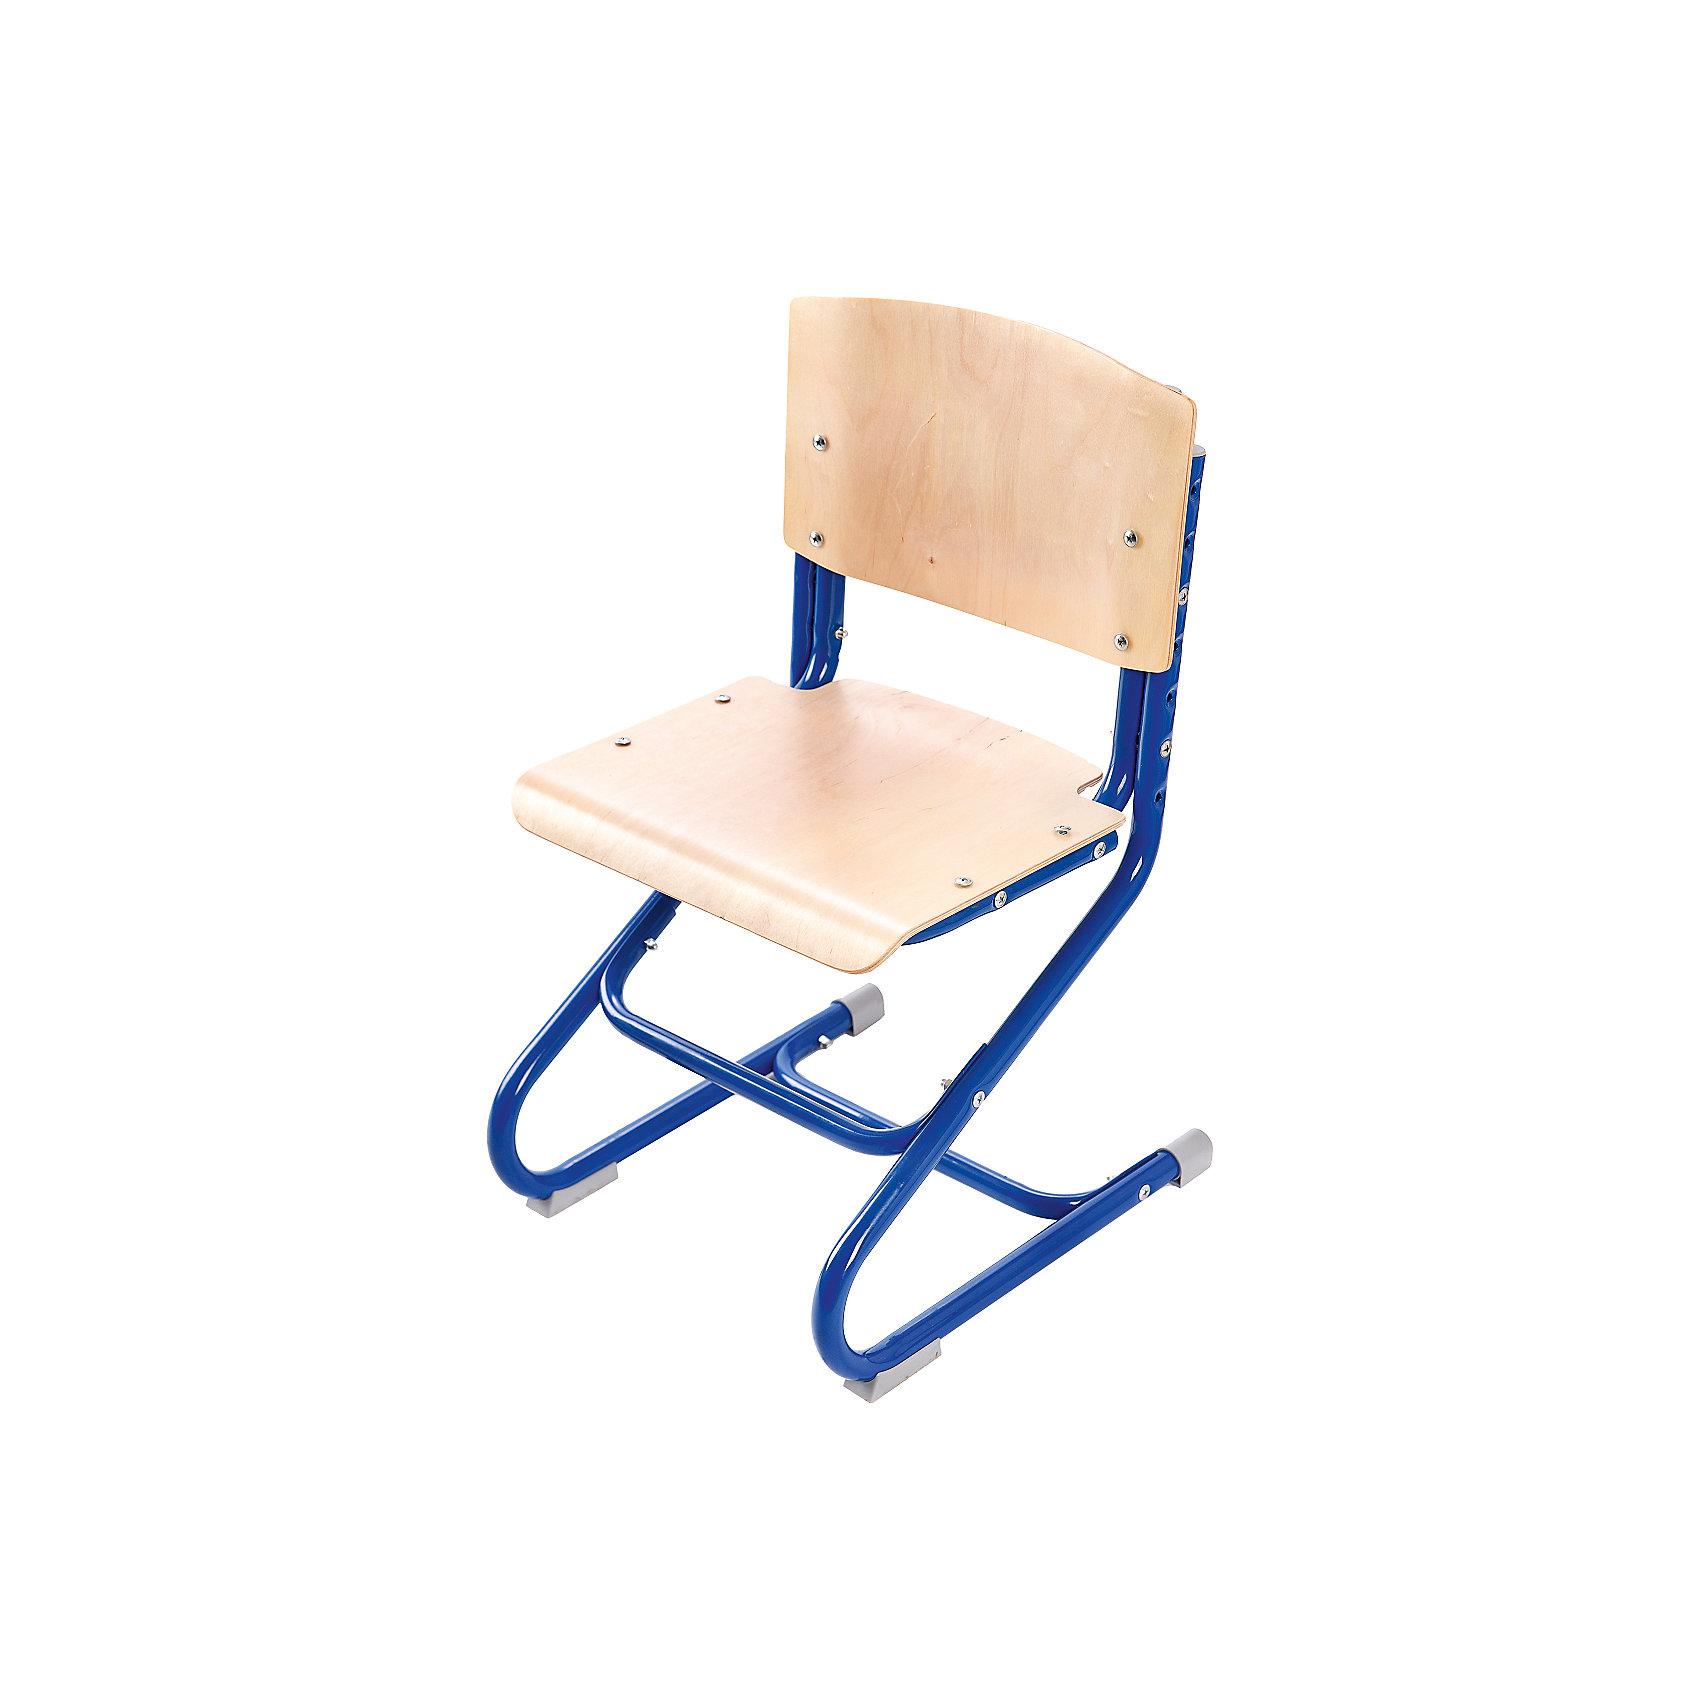 Стул универсальный СУТ.01-01, Дэми, синийМебель<br>Стул универсальный СУТ.01-01, Дэми, синий – эргономичный стул для детей от 3 лет.<br>Высота ножек, положение сидения, наклон спинки регулируются, поэтому стул будет «расти» вместе с ребенком. Модель выполнена из прочного металла и фанеры, поэтому служить такой стул будет долгие годы. Регулируемая спинка также дополнительно помогает ребенку в поддержании красивой и здоровой осанки. Стул не теряет внешний вид спустя время и не требует особо ухода. <br><br>Дополнительная информация: <br><br>Высота сидения стула - 34,5-44,5 см<br>Глубина сидения стула - 31-34,5 см<br>Ширина сидения стула - 40 см <br>Вес: 7 кг<br>Материал: фанера, металл<br>Цвет: синий<br><br>Стул универсальный СУТ.01-01, Дэми, синий можно купить в нашем интернет магазине.<br><br>Ширина мм: 730<br>Глубина мм: 610<br>Высота мм: 80<br>Вес г: 8000<br>Возраст от месяцев: 48<br>Возраст до месяцев: 1188<br>Пол: Мужской<br>Возраст: Детский<br>SKU: 4919214